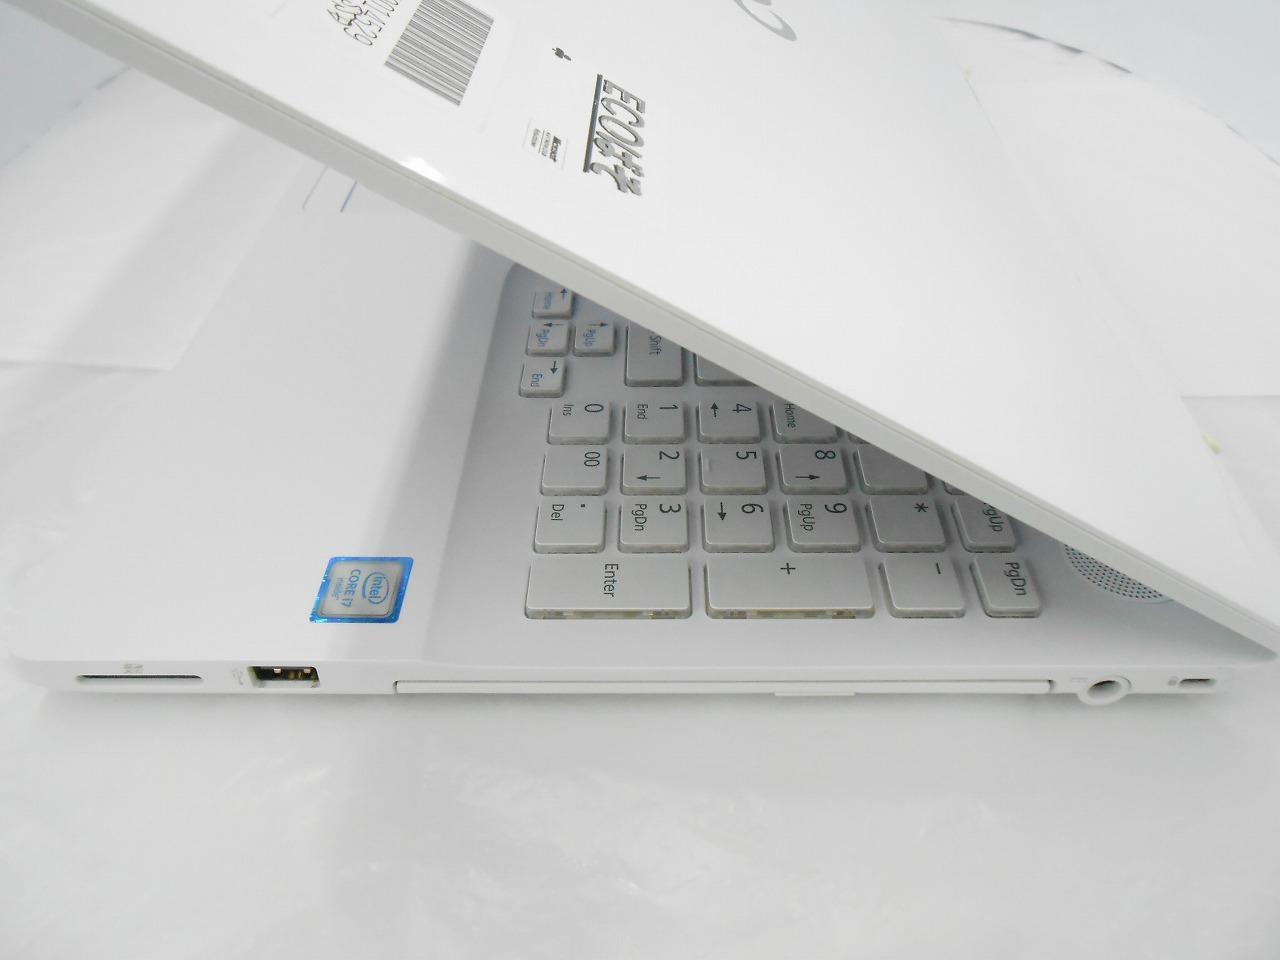 【中古】 富士通 FUJITSU LIFEBOOK AH50/A3 /2016年モデル/Corei7 6700HQ 2.6GHz/メモリ8GB/SSD480GB/15インチ/Windows10Home【3ヶ月保証】【足立店発送】